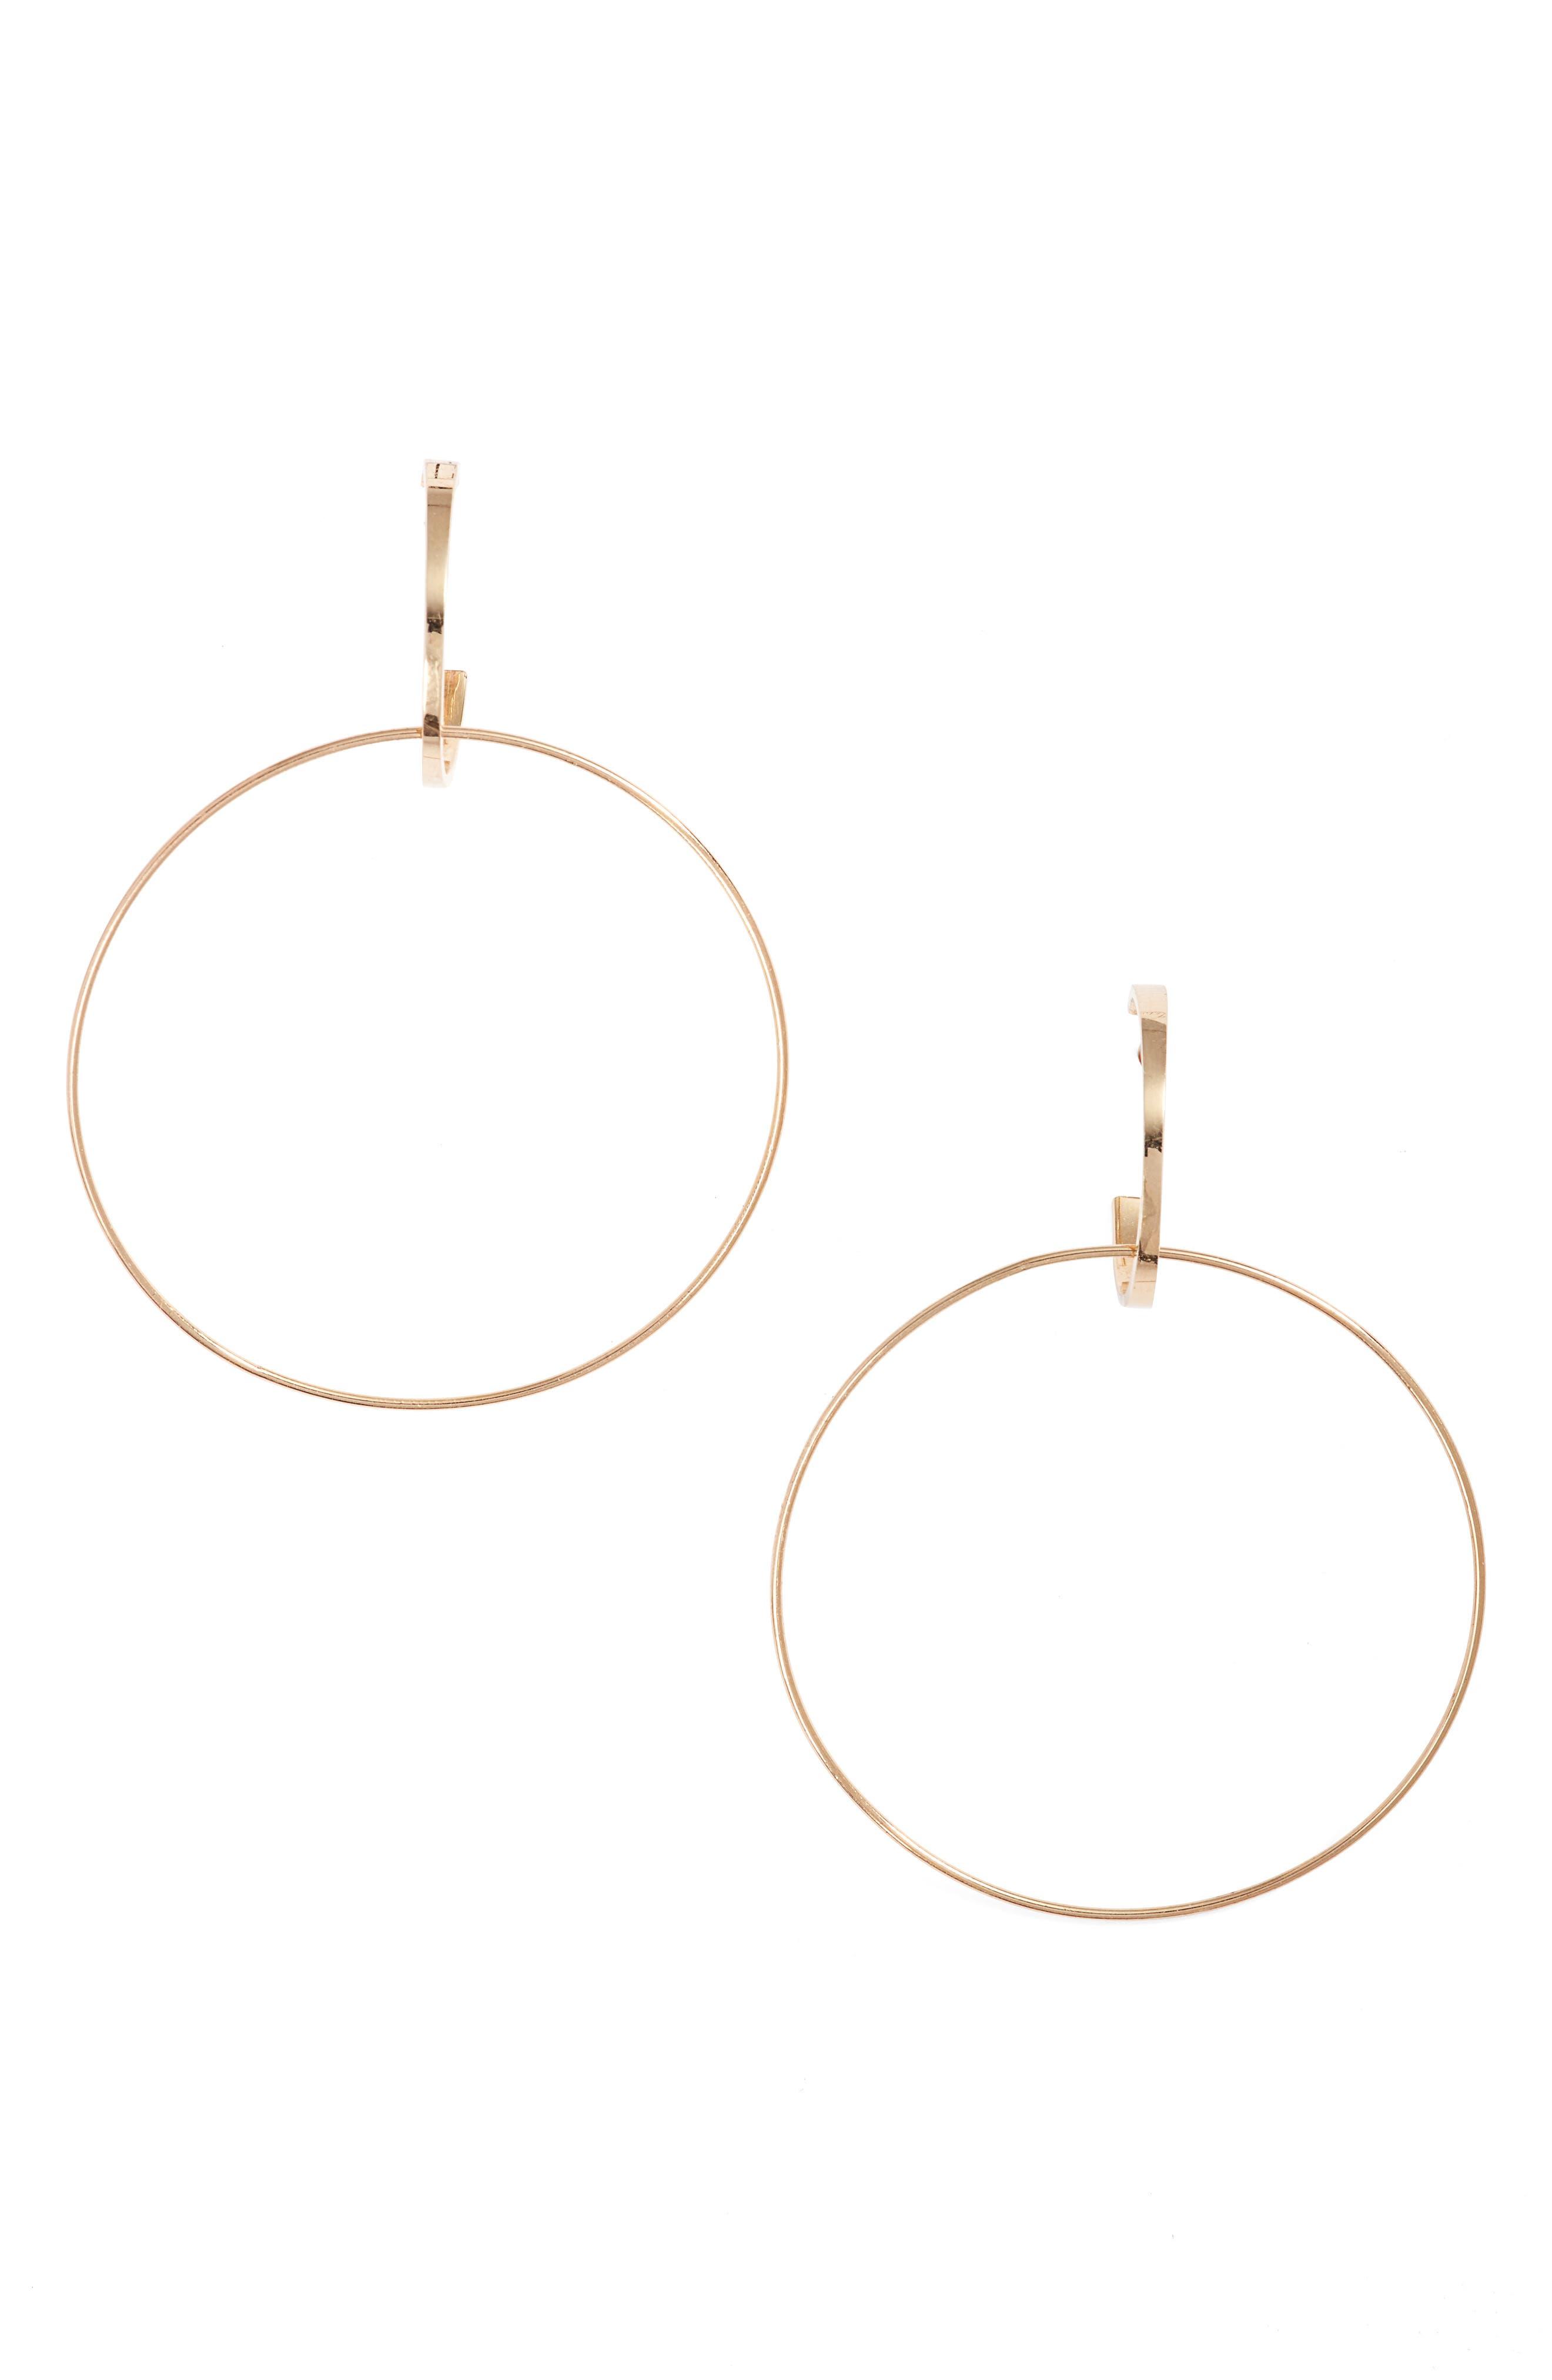 Bond Small Double Hoop Earrings,                             Main thumbnail 1, color,                             710